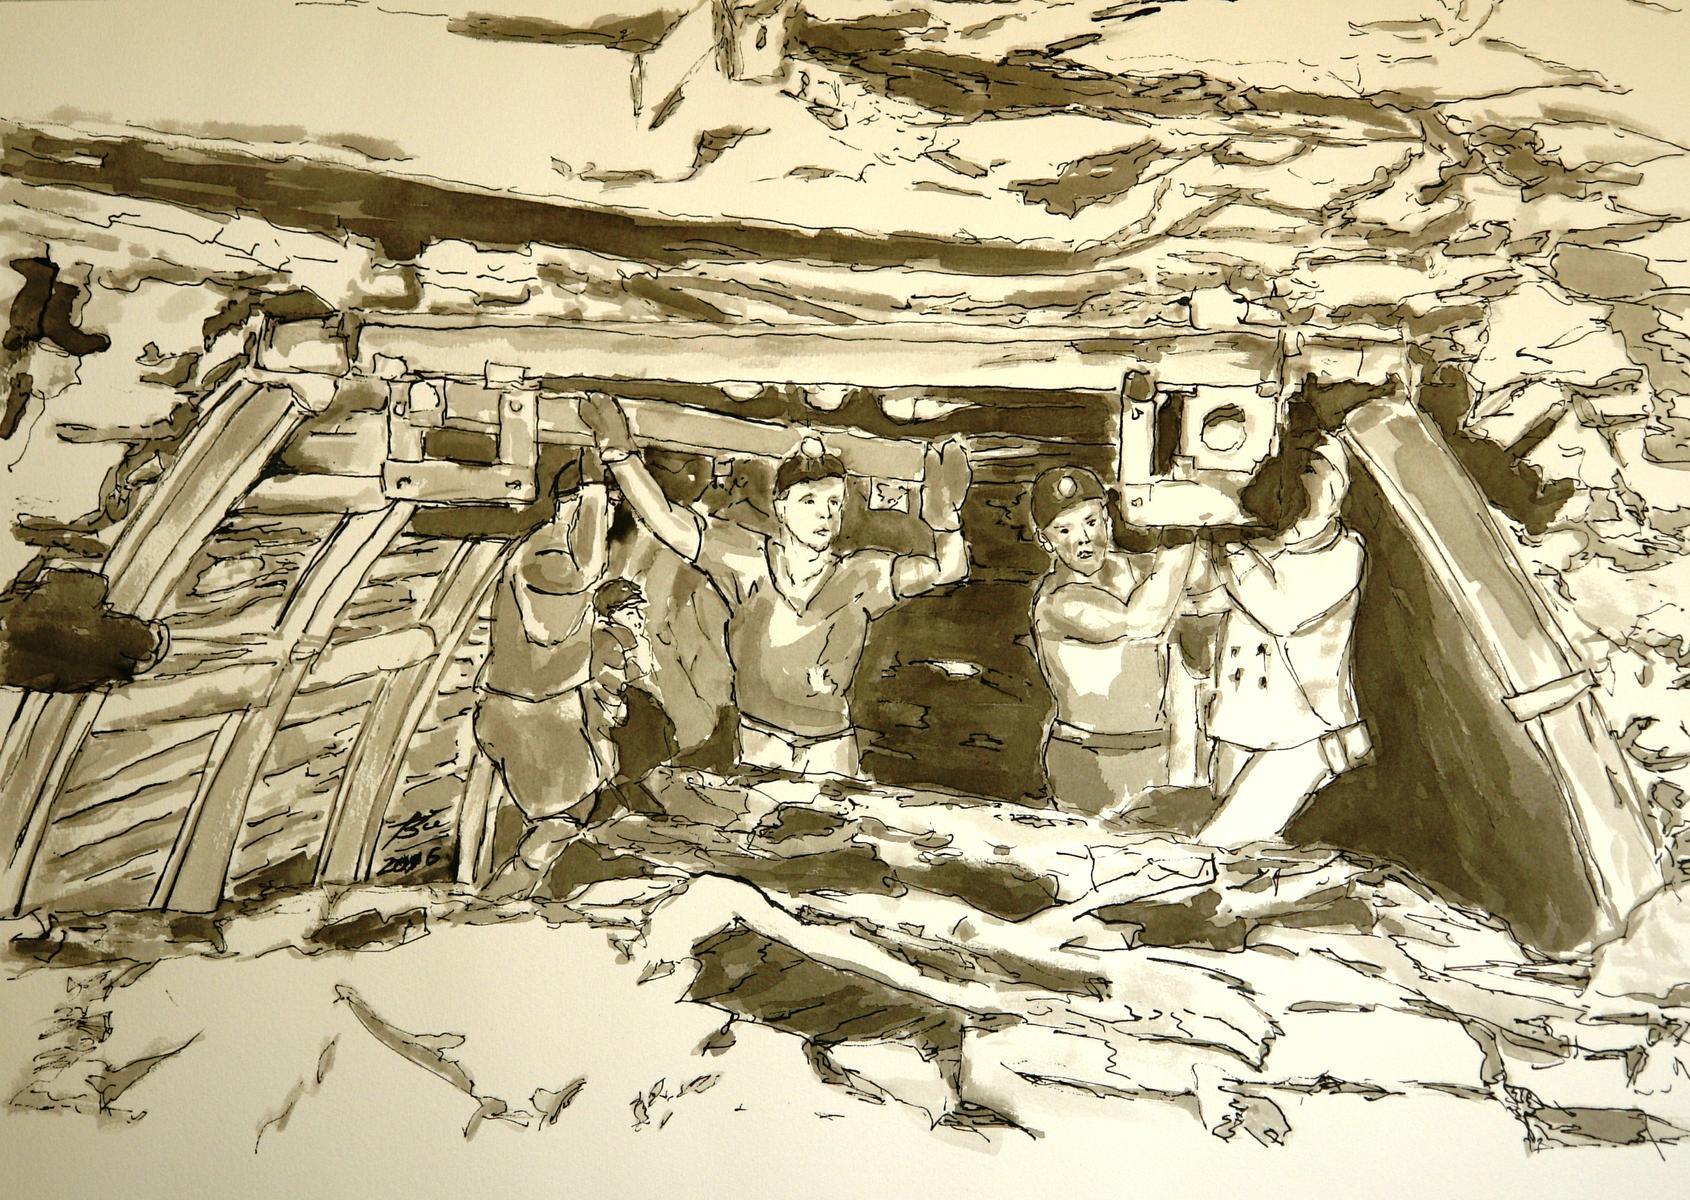 Motiv zum Steinkohlebergbau von Wolfgang Büse